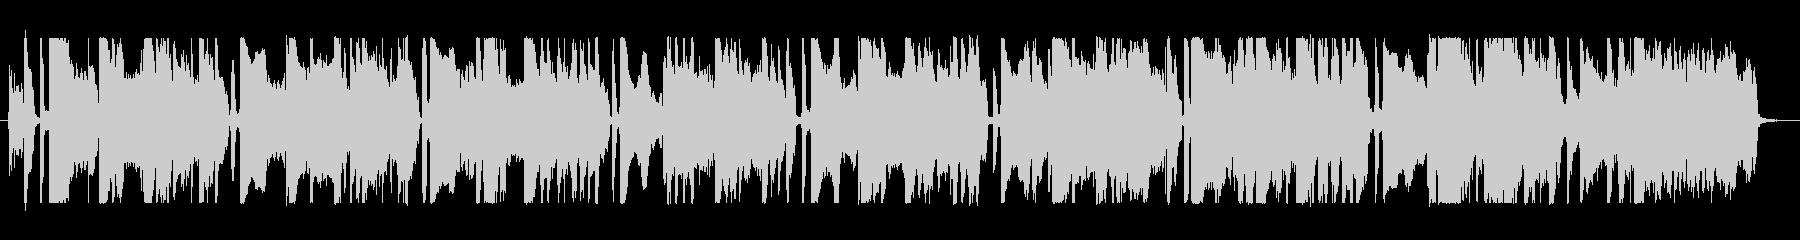 エッチ・セクシーなサックス(その2)の未再生の波形